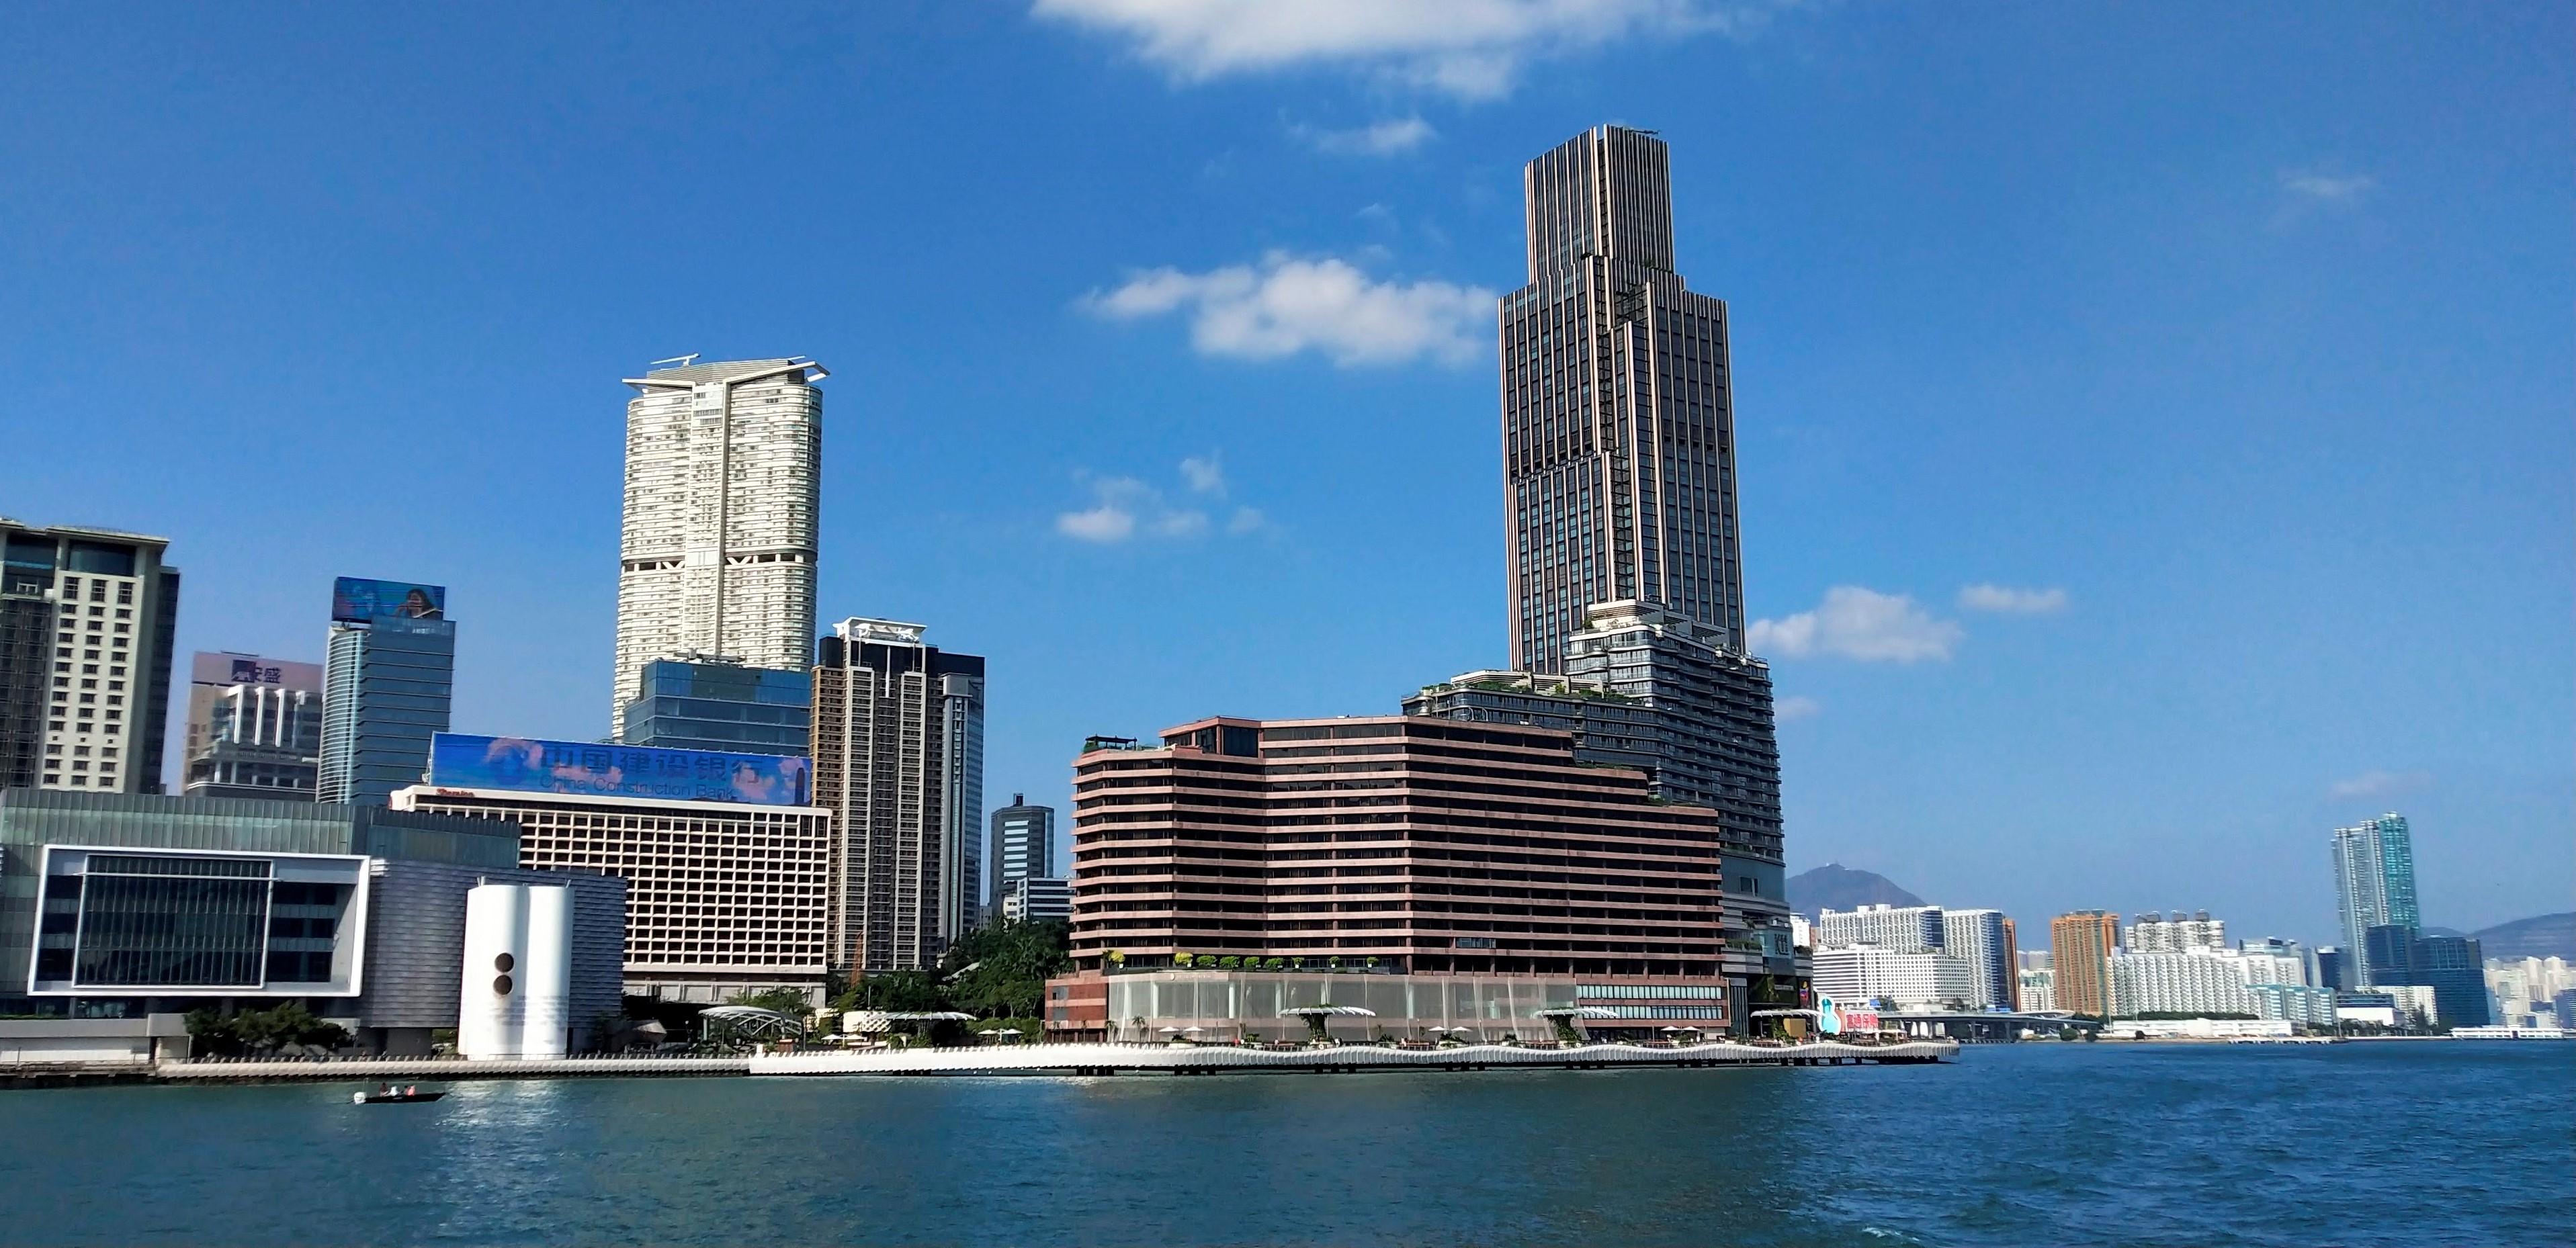 Skyscraper Victoria Dockside and Avenue of Stars.